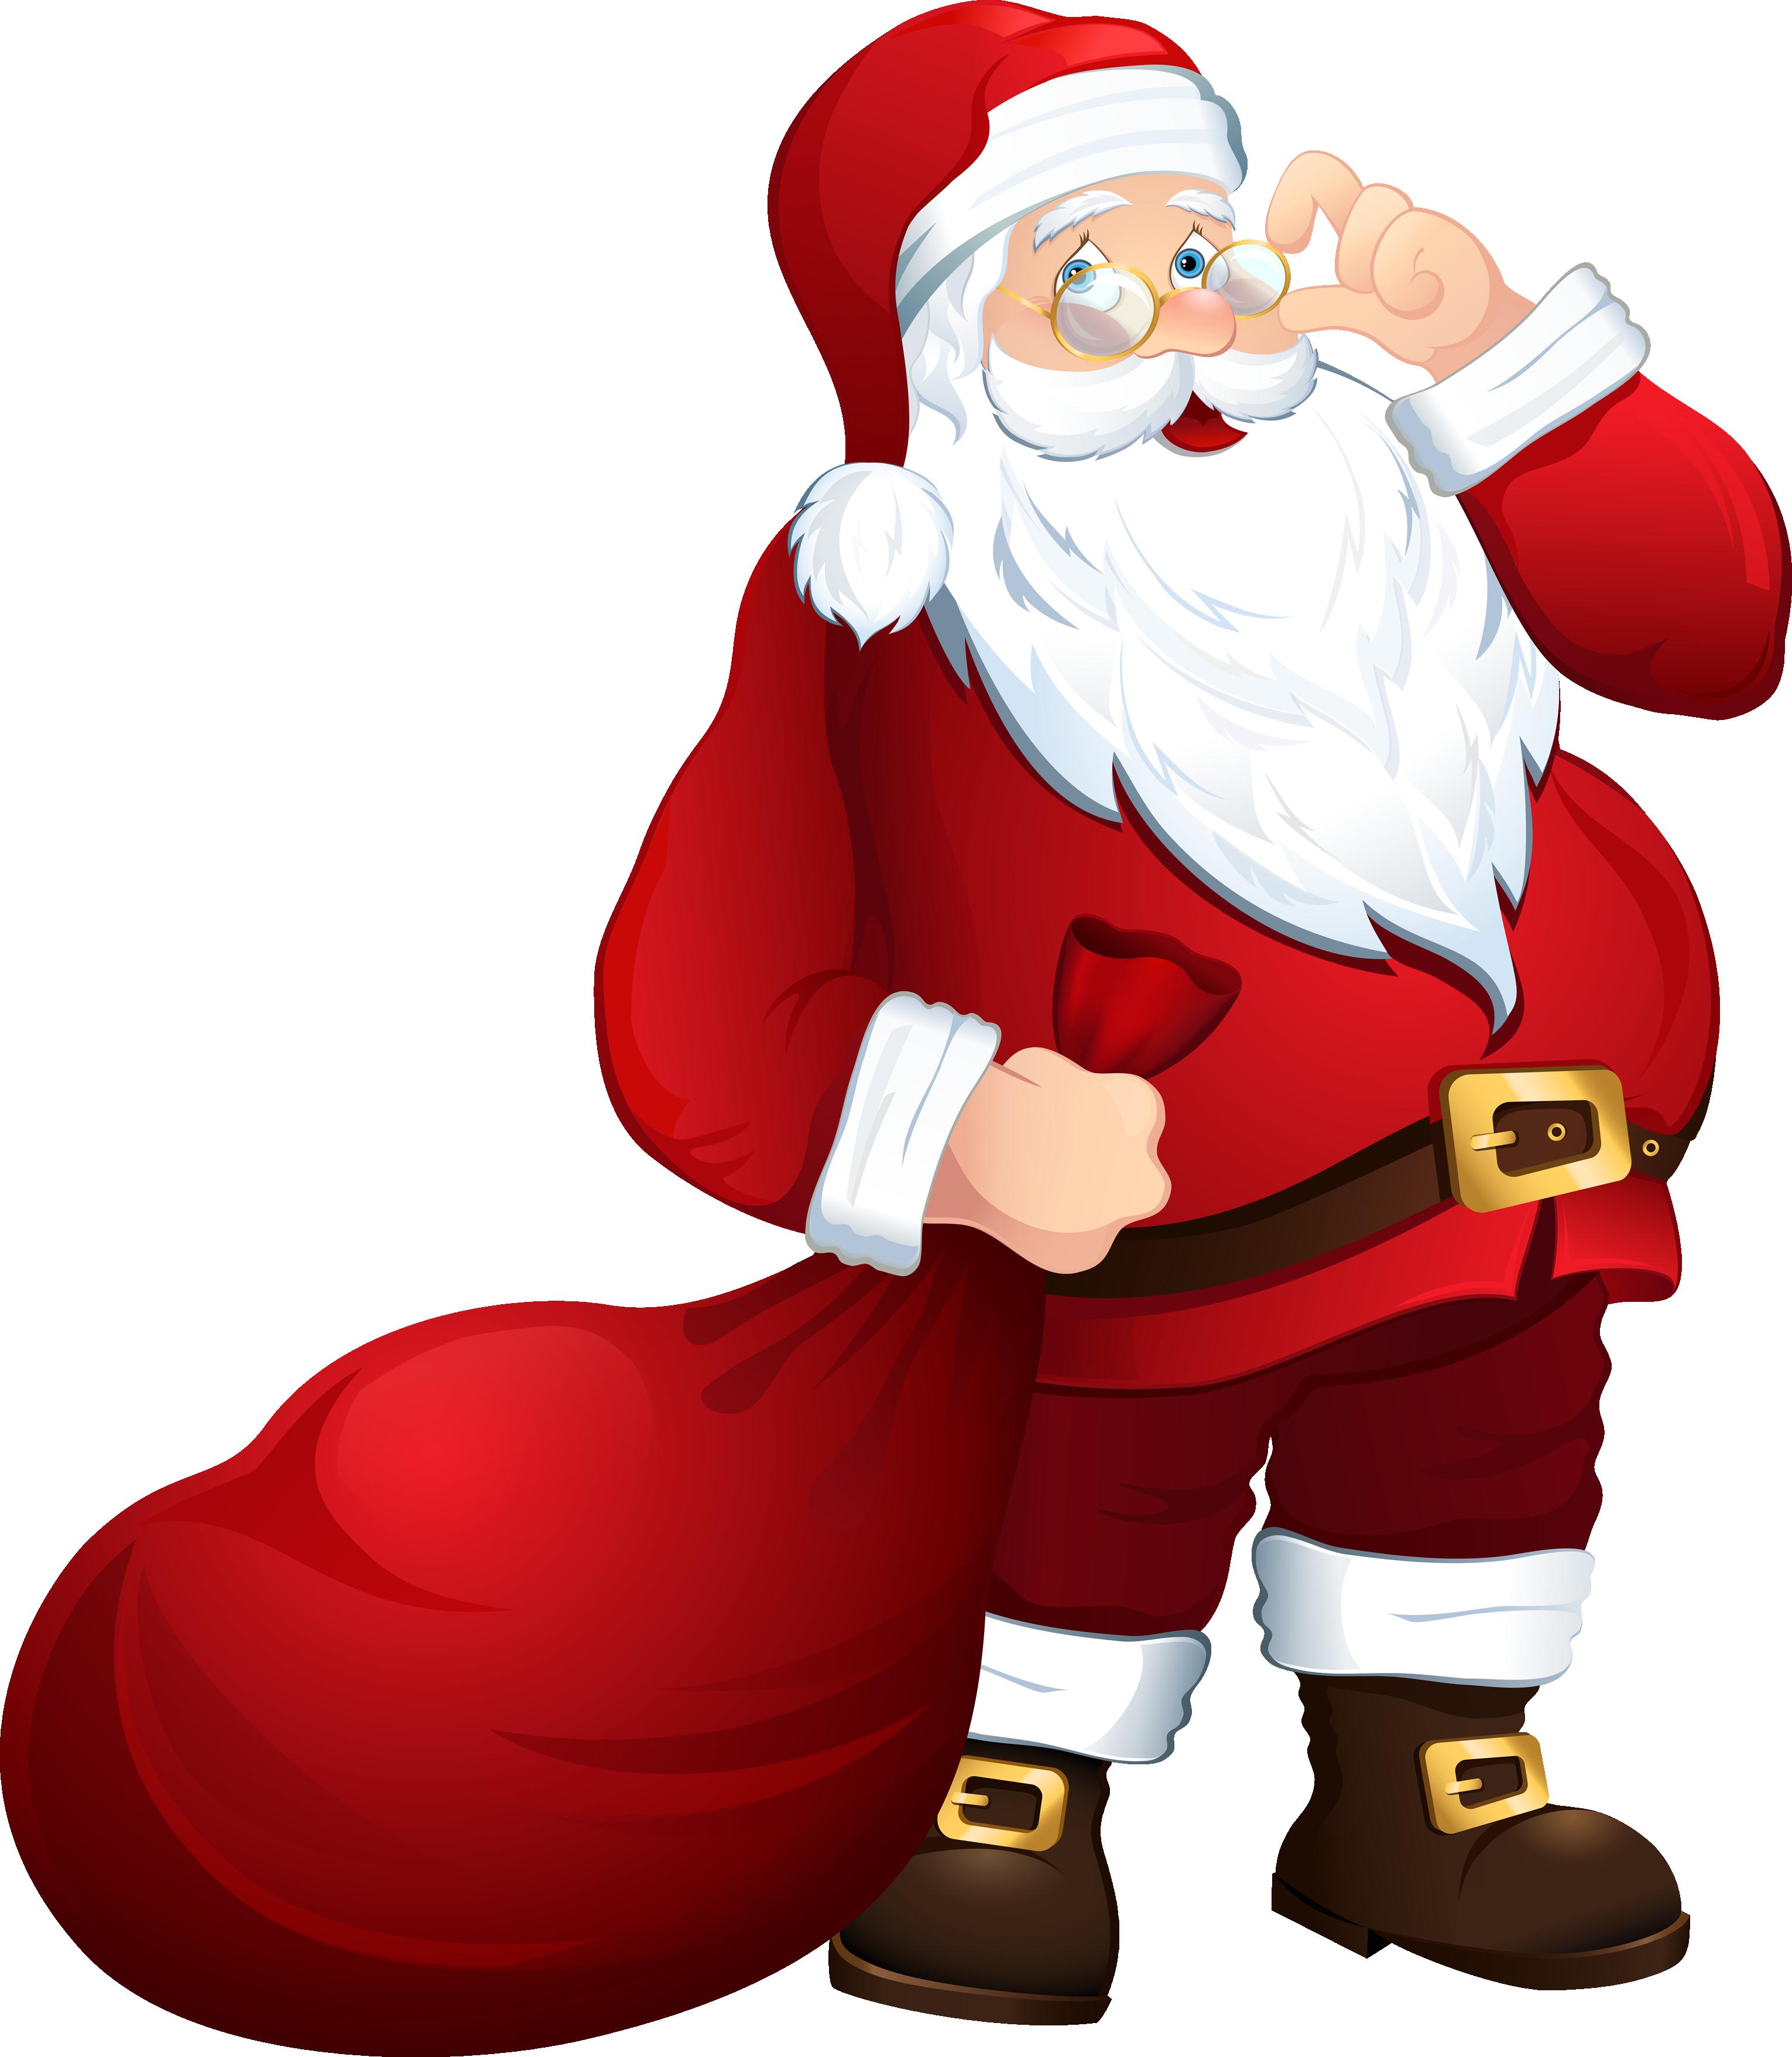 Santa Claus Png Image Santa Claus Images Santa Claus Santa Claus Photos